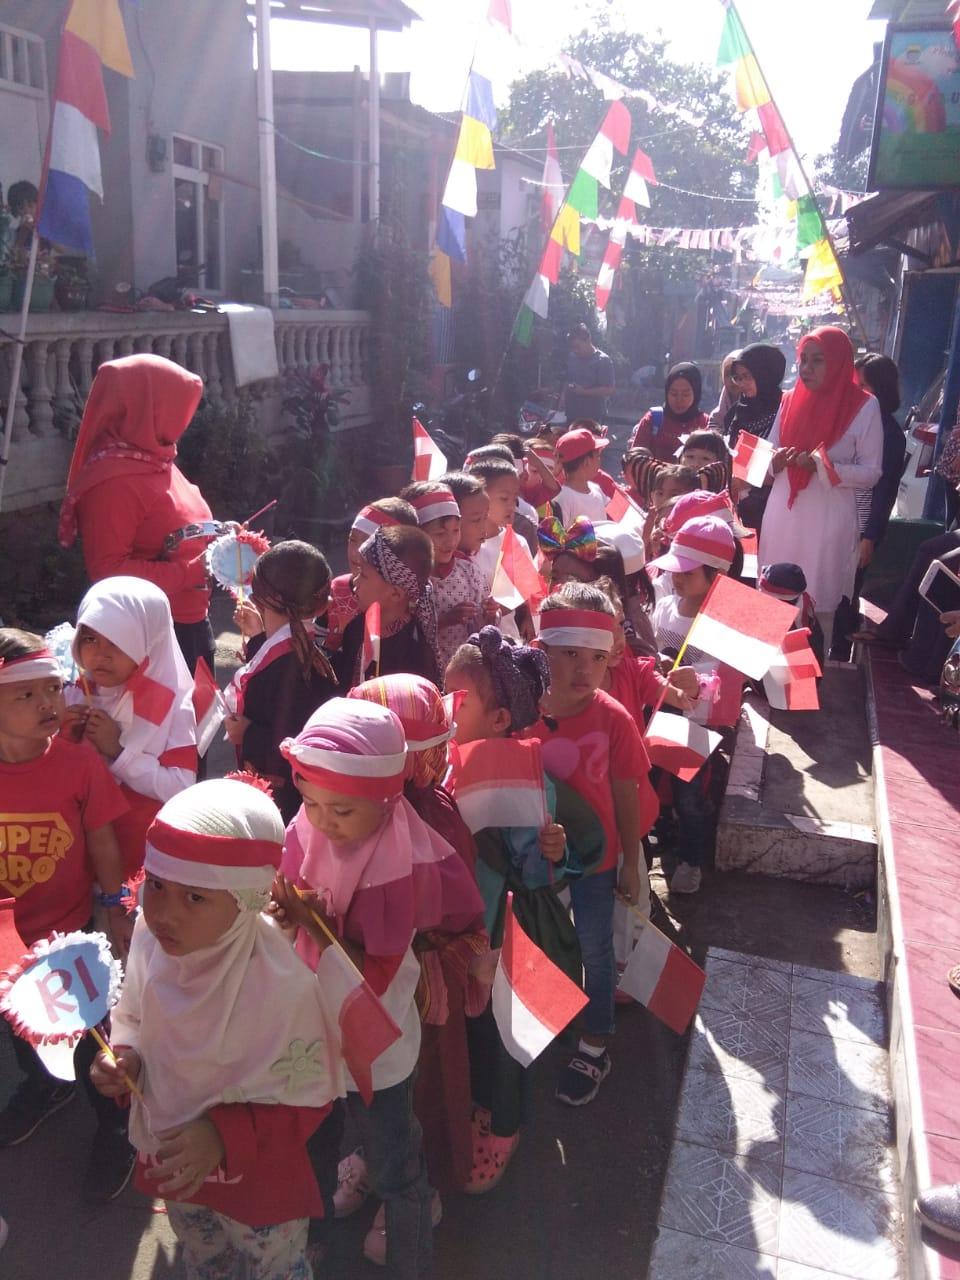 suasana murid sedang baris berbaris , Foto diambil sebelum Pandemi COVID 19